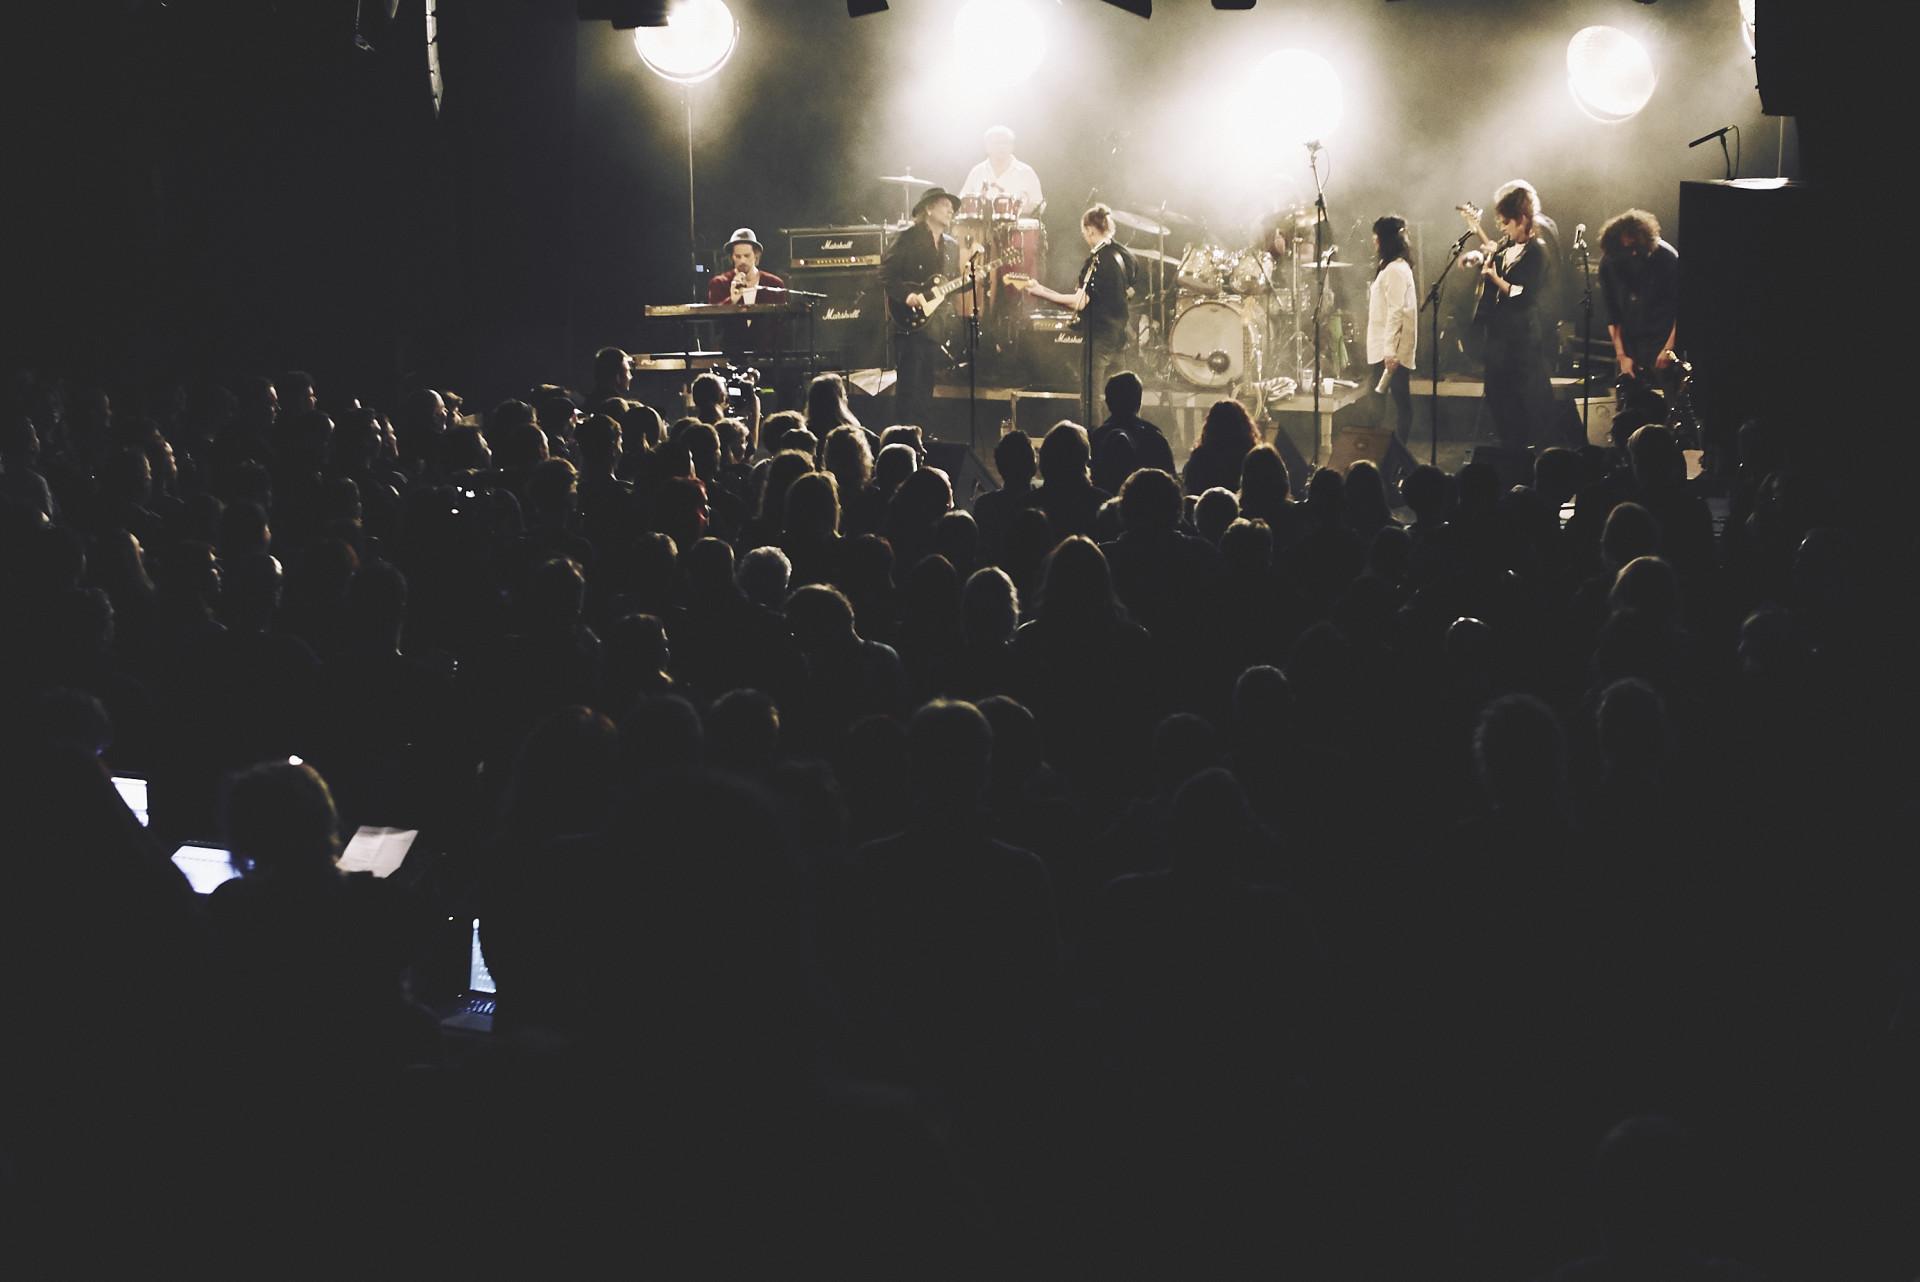 ELLA JOSEPHINE EBSEN Ton Steine Scherben »Tournee«